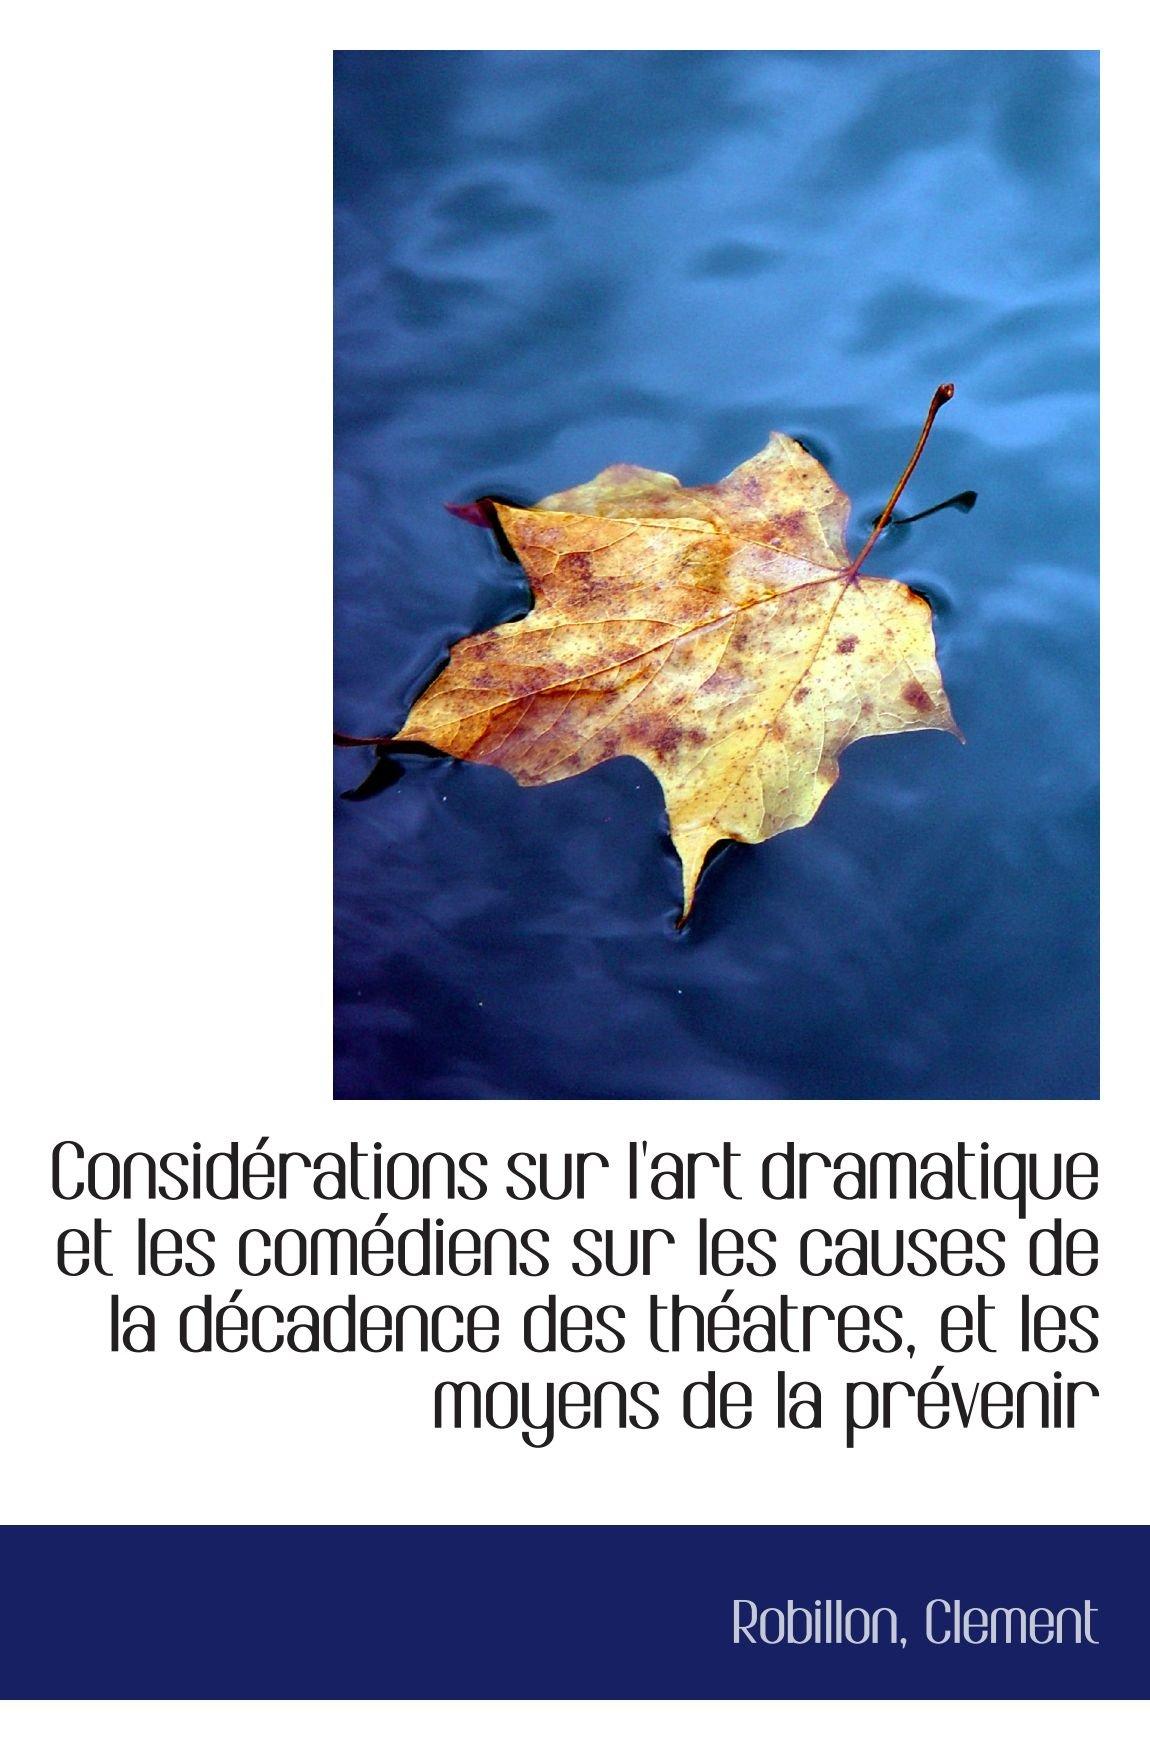 Read Online Considérations sur l'art dramatique et les comédiens sur les causes de la décadence des théatres, et (French Edition) ebook